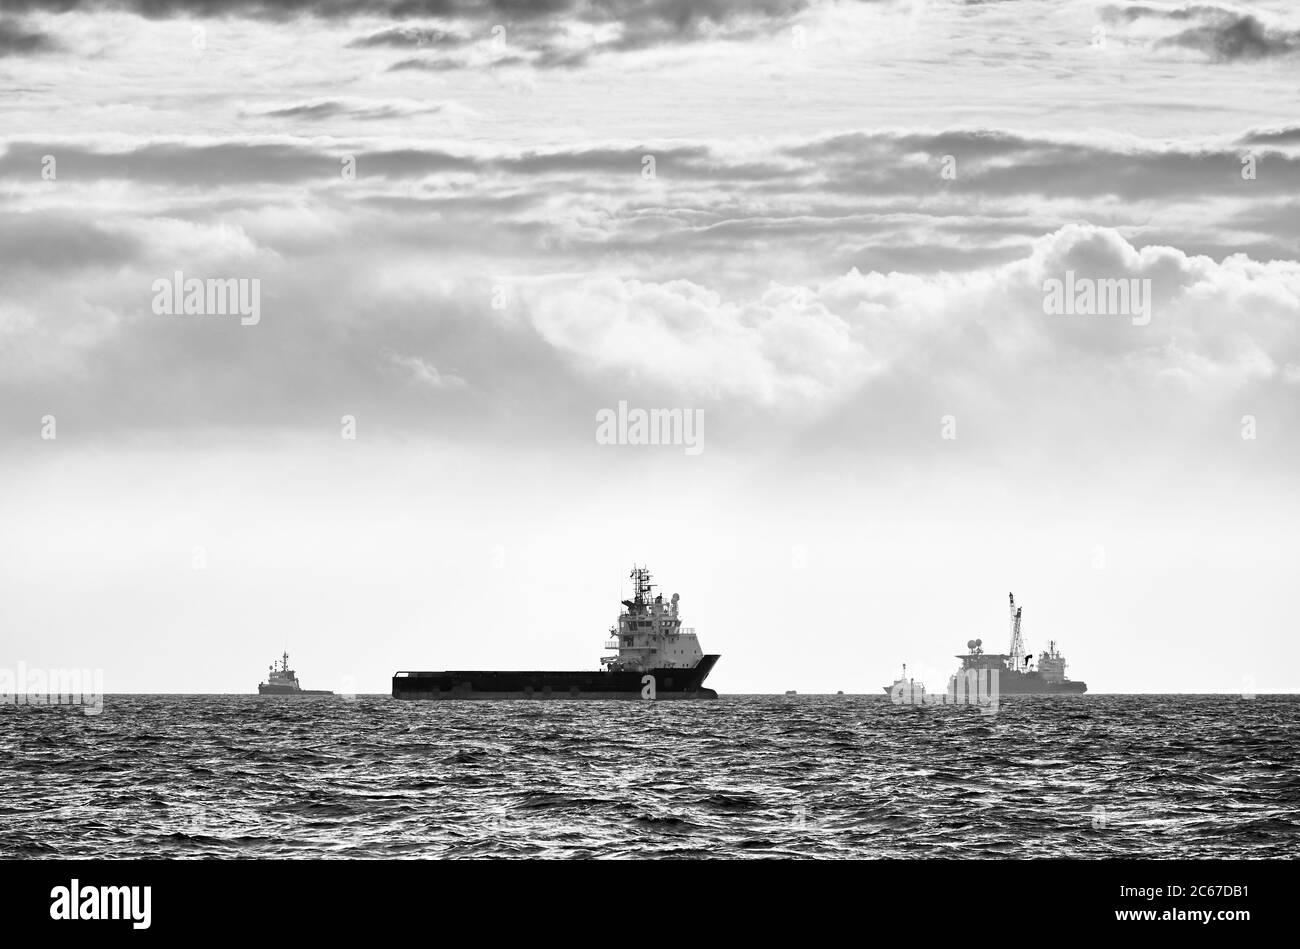 Schwarz-Weiß-Bild von Schiffen Silhouetten am Horizont bei Sonnenuntergang. Stockfoto